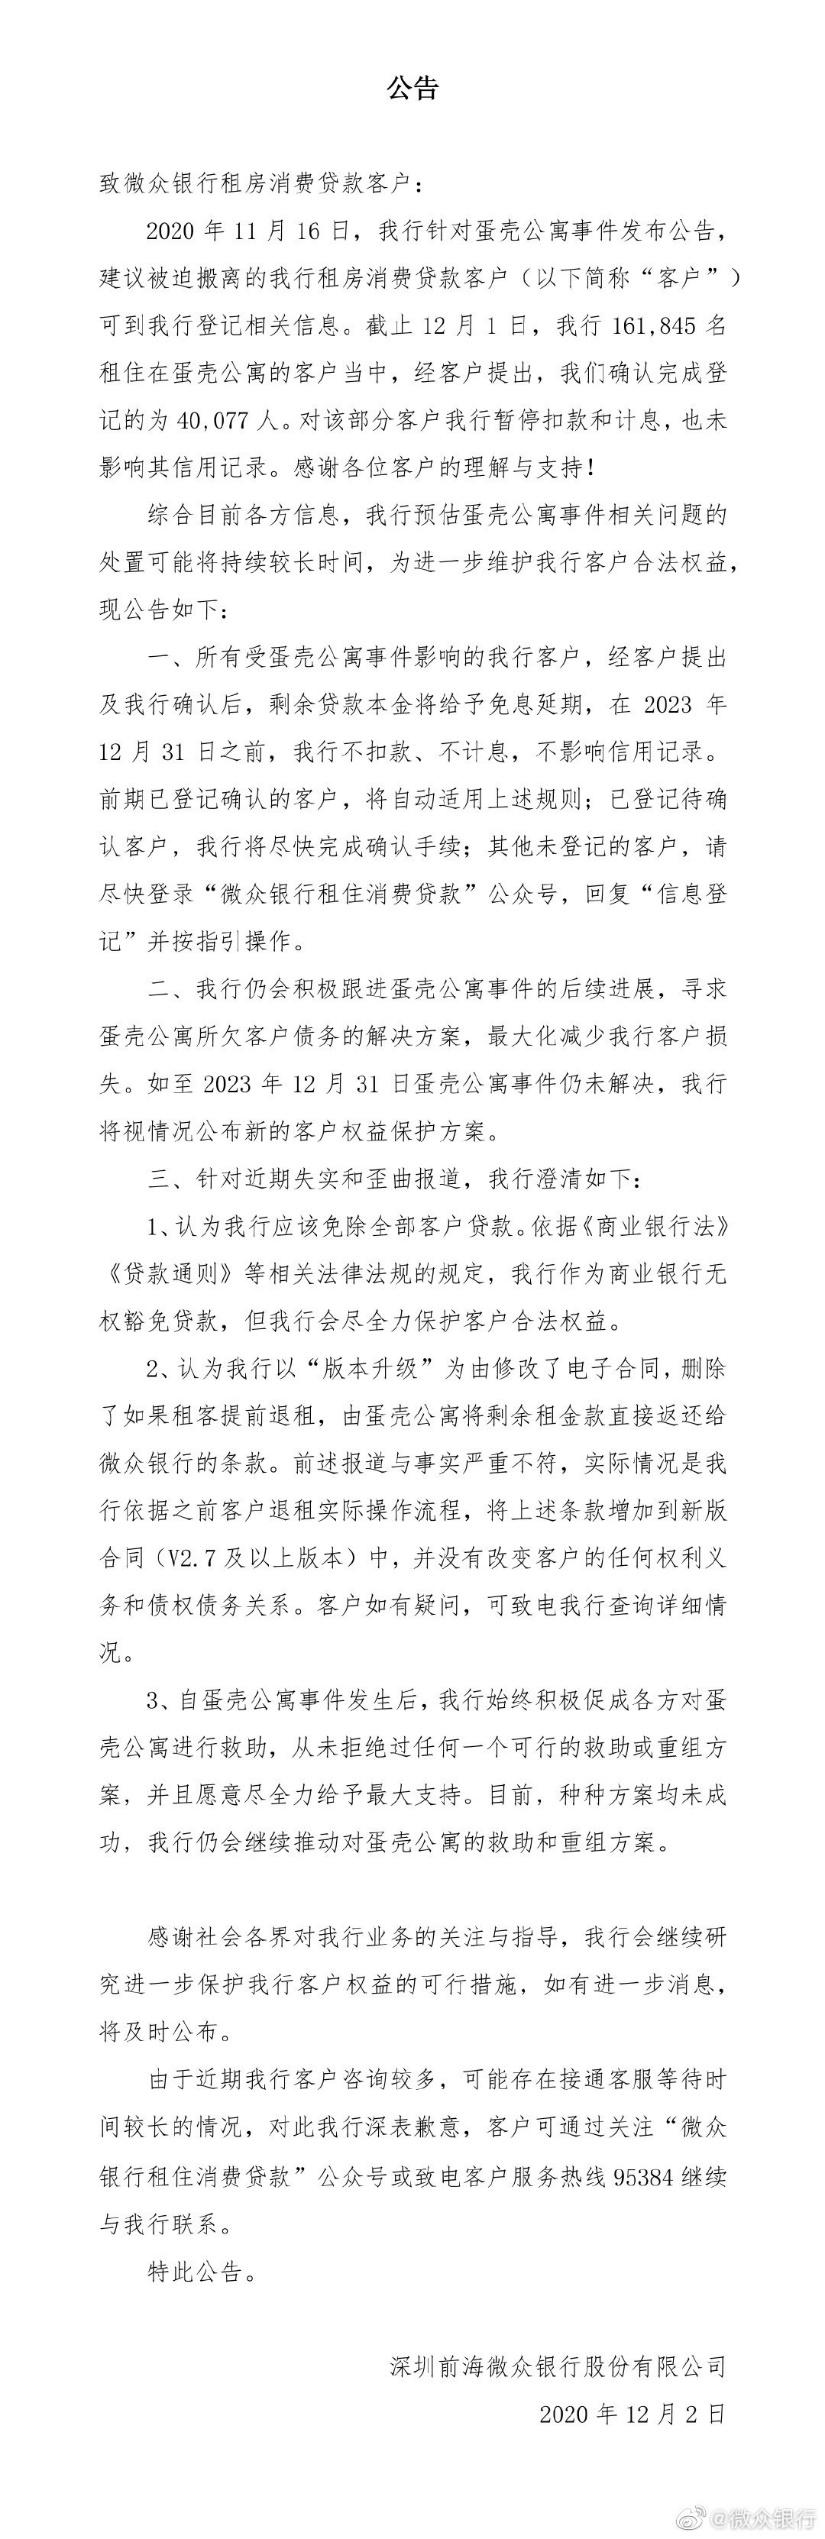 微眾銀行回應蛋殼公寓事件:可免息延期 但不豁免貸款